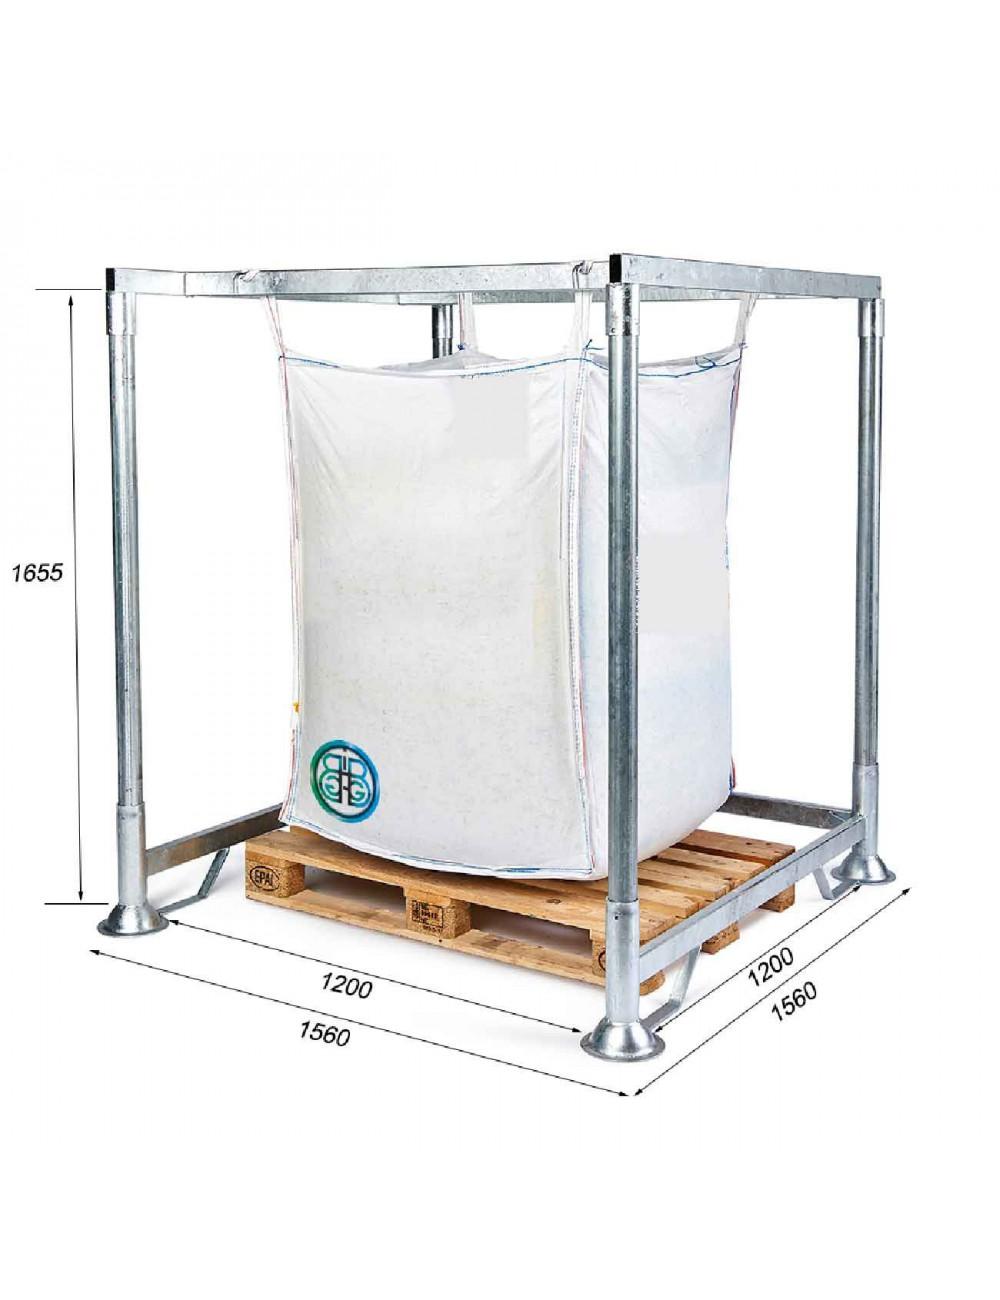 Supporto per borse grandi con ingresso pallet Altezza 165,5 cm